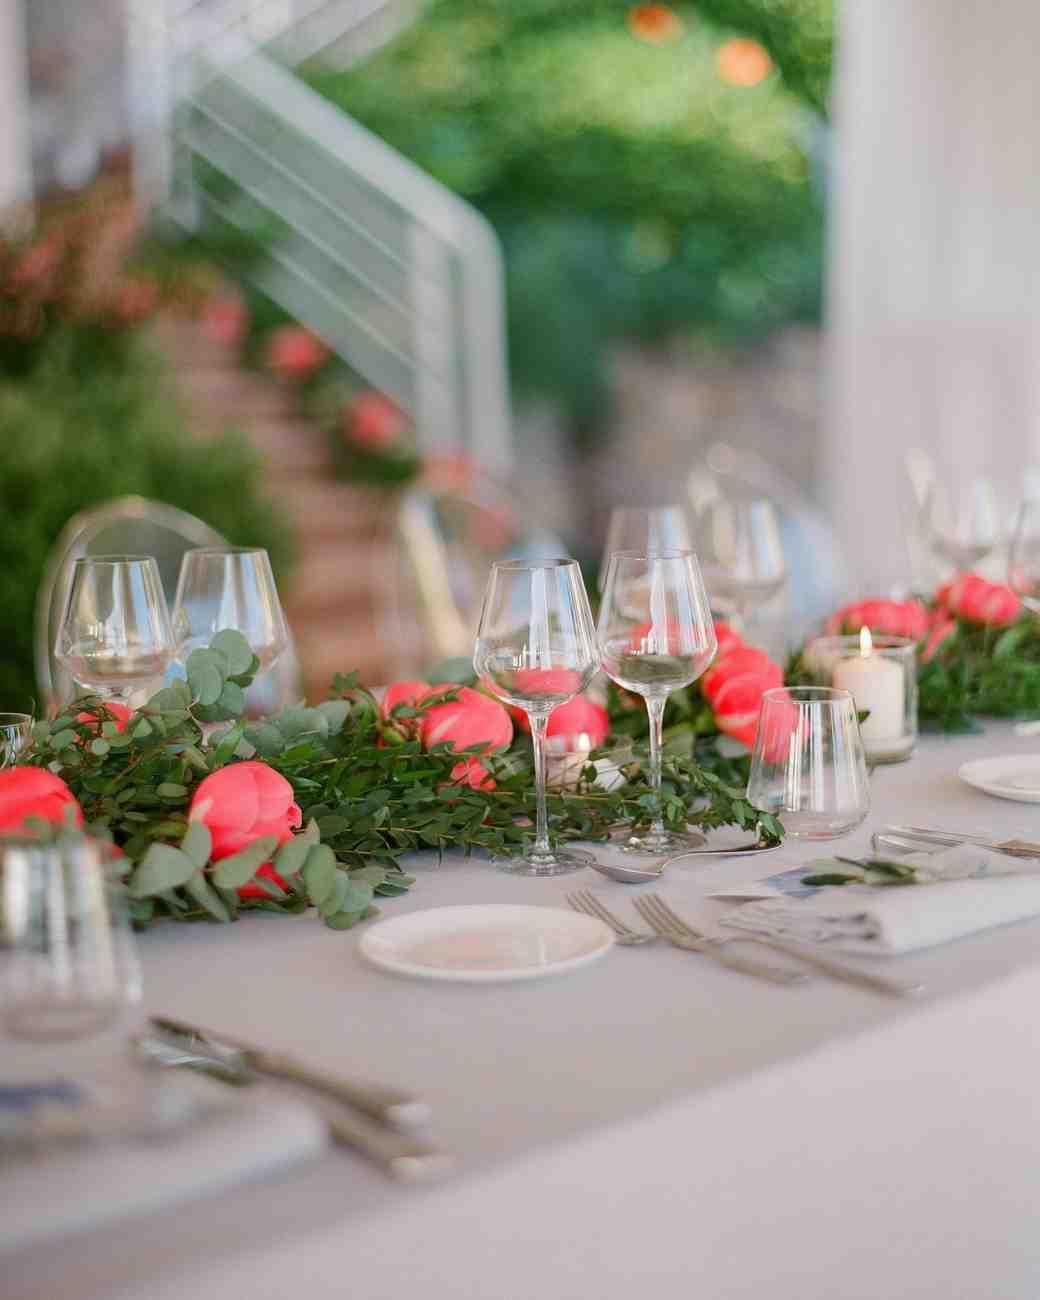 36 simple wedding centerpieces martha stewart weddings rh marthastewartweddings com garden wedding centerpiece ideas garden wedding centerpiece ideas